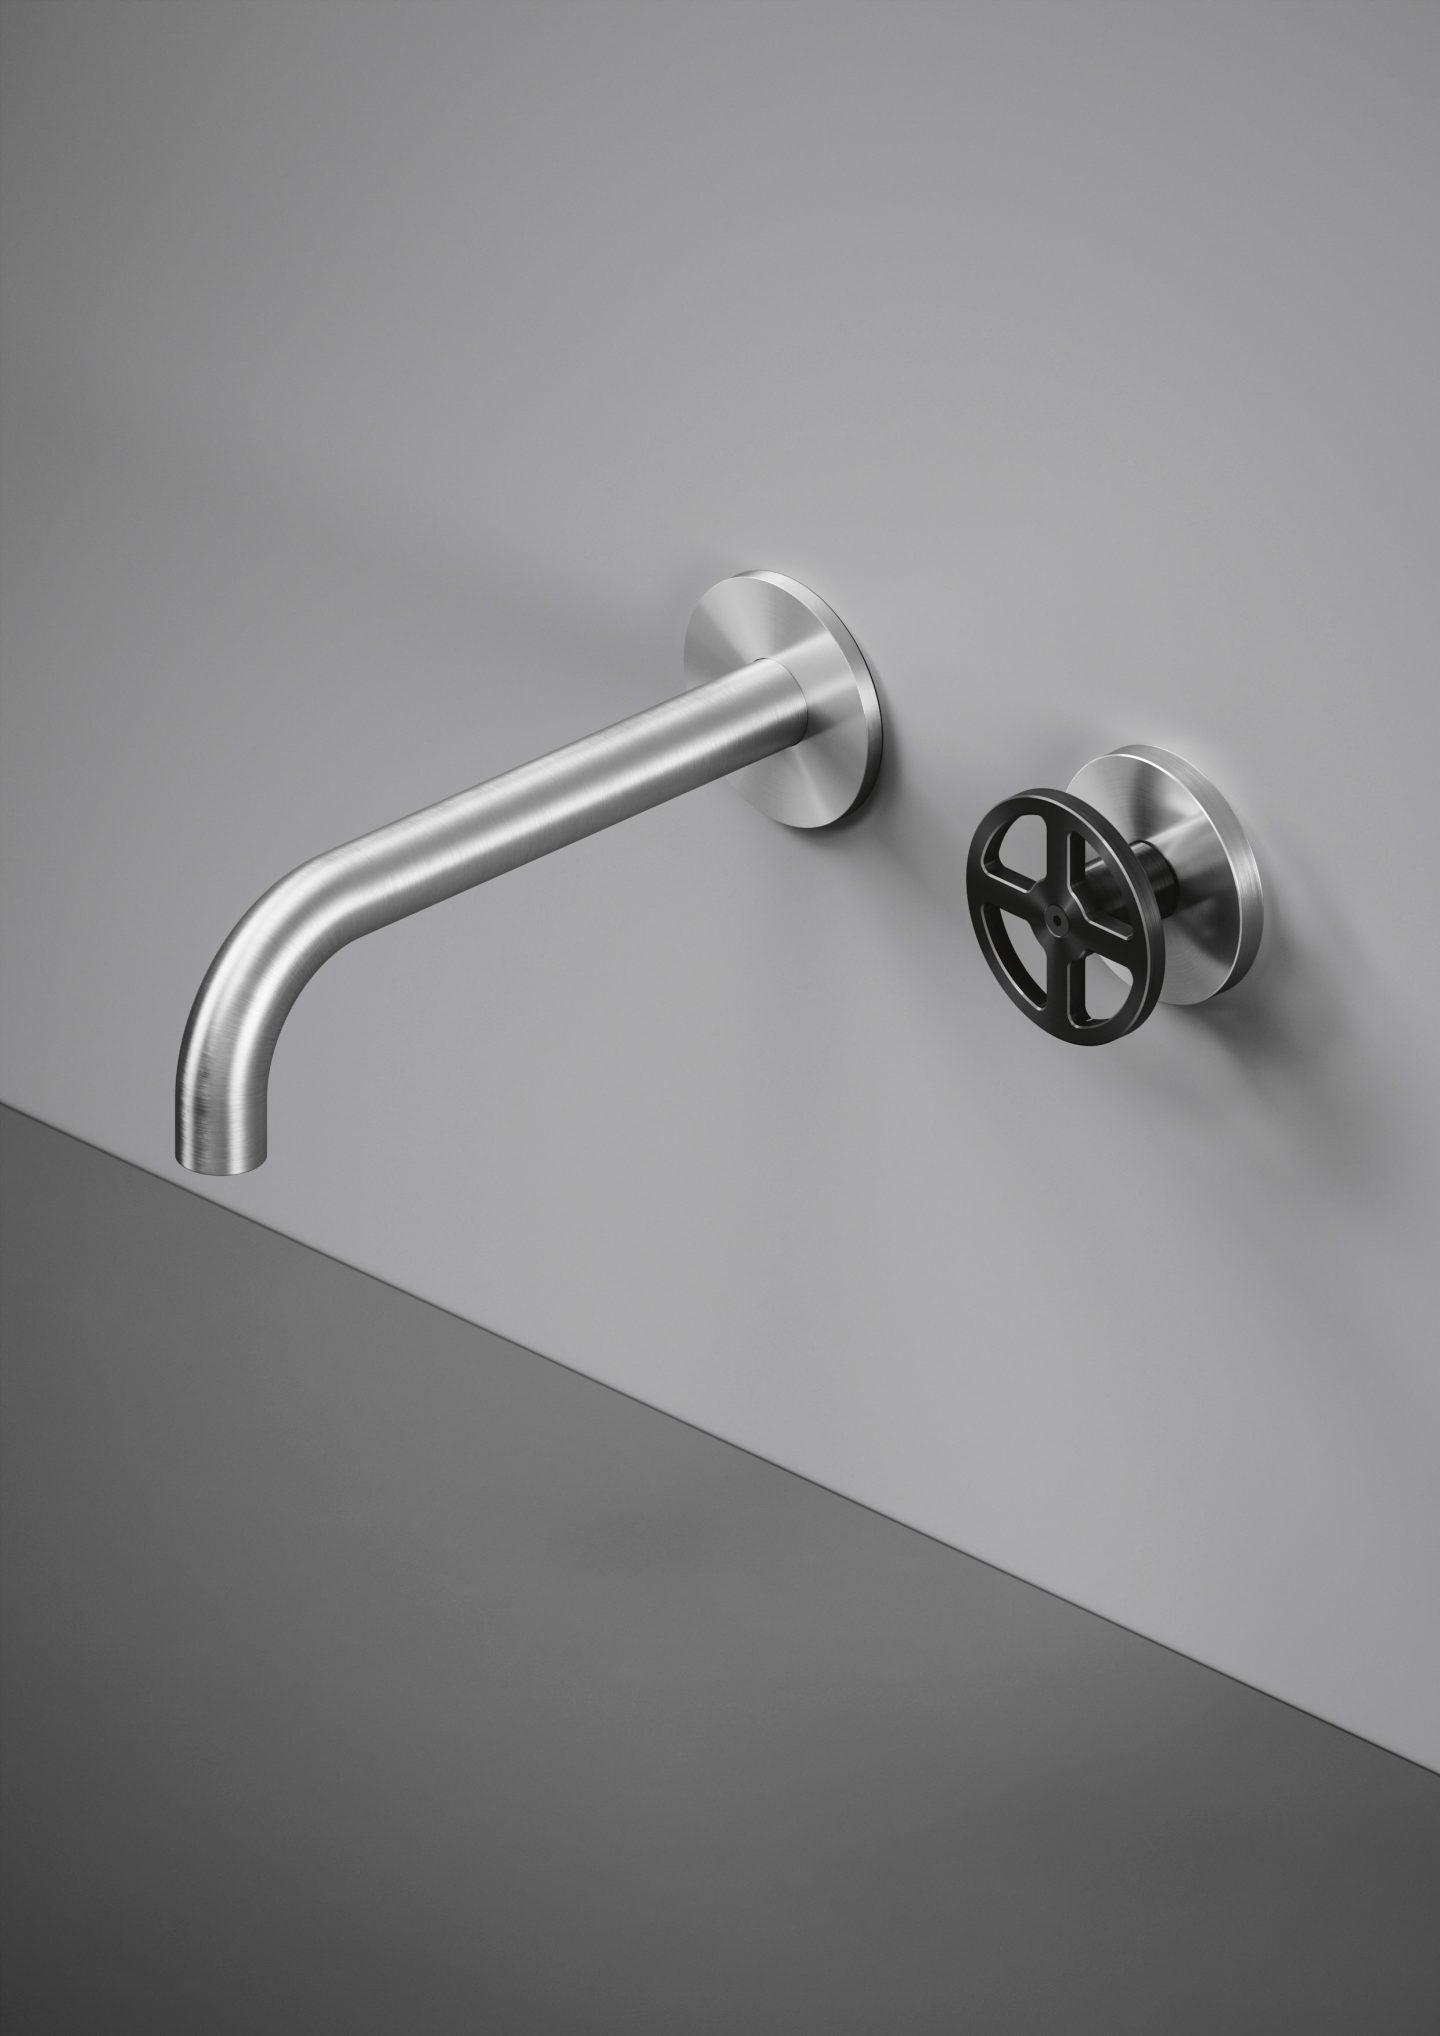 IGNANT-Design-Quadrodesign-Valvola02-3